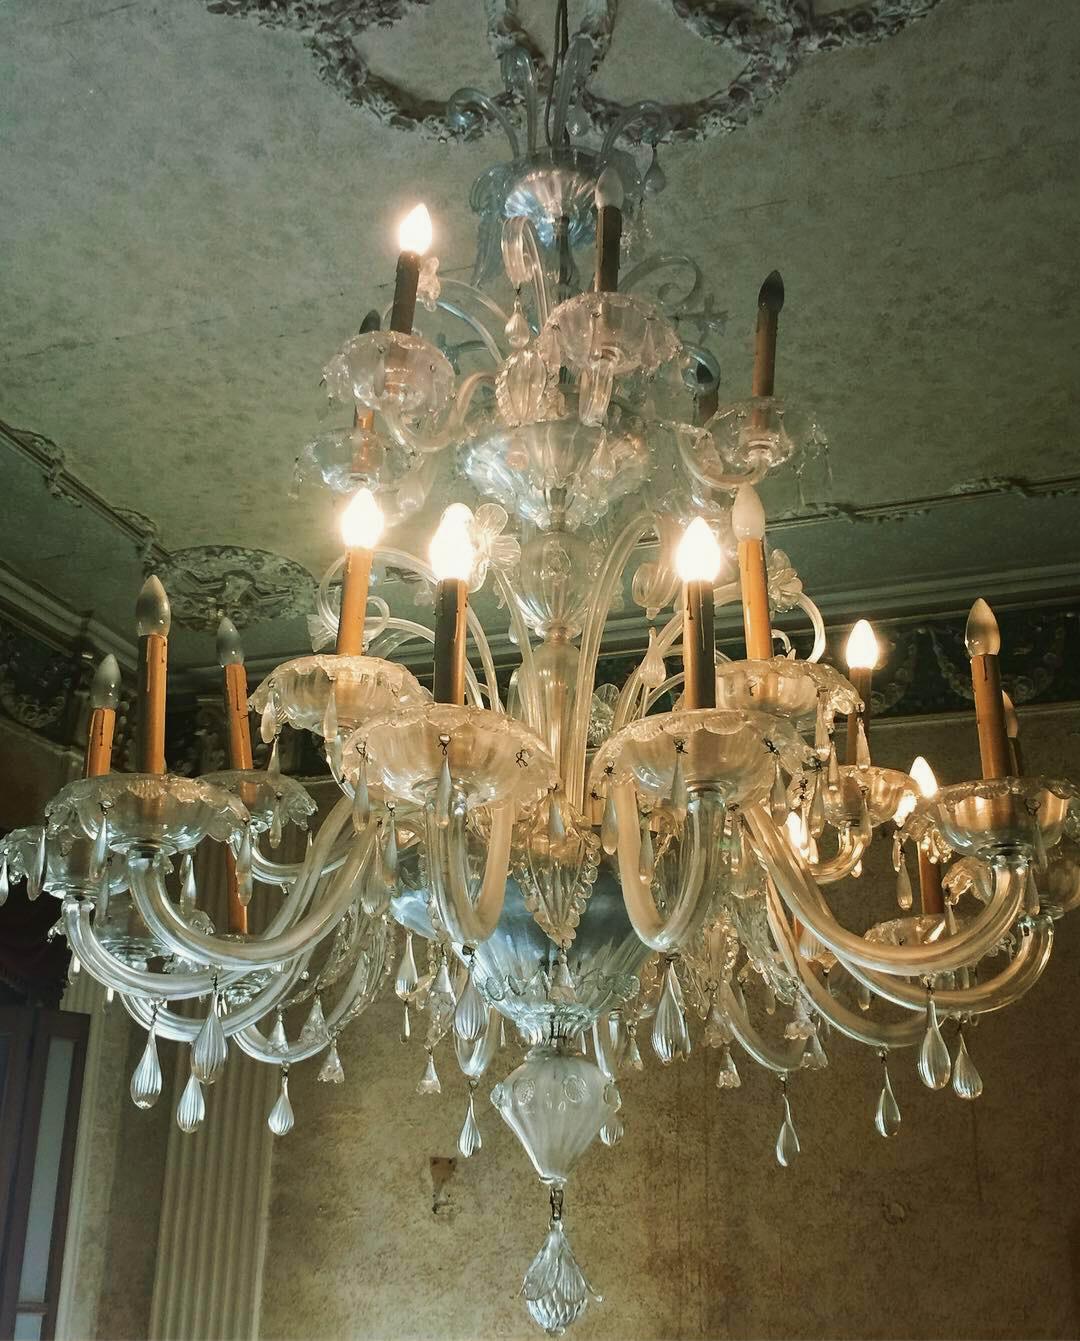 The unrestored chandelier